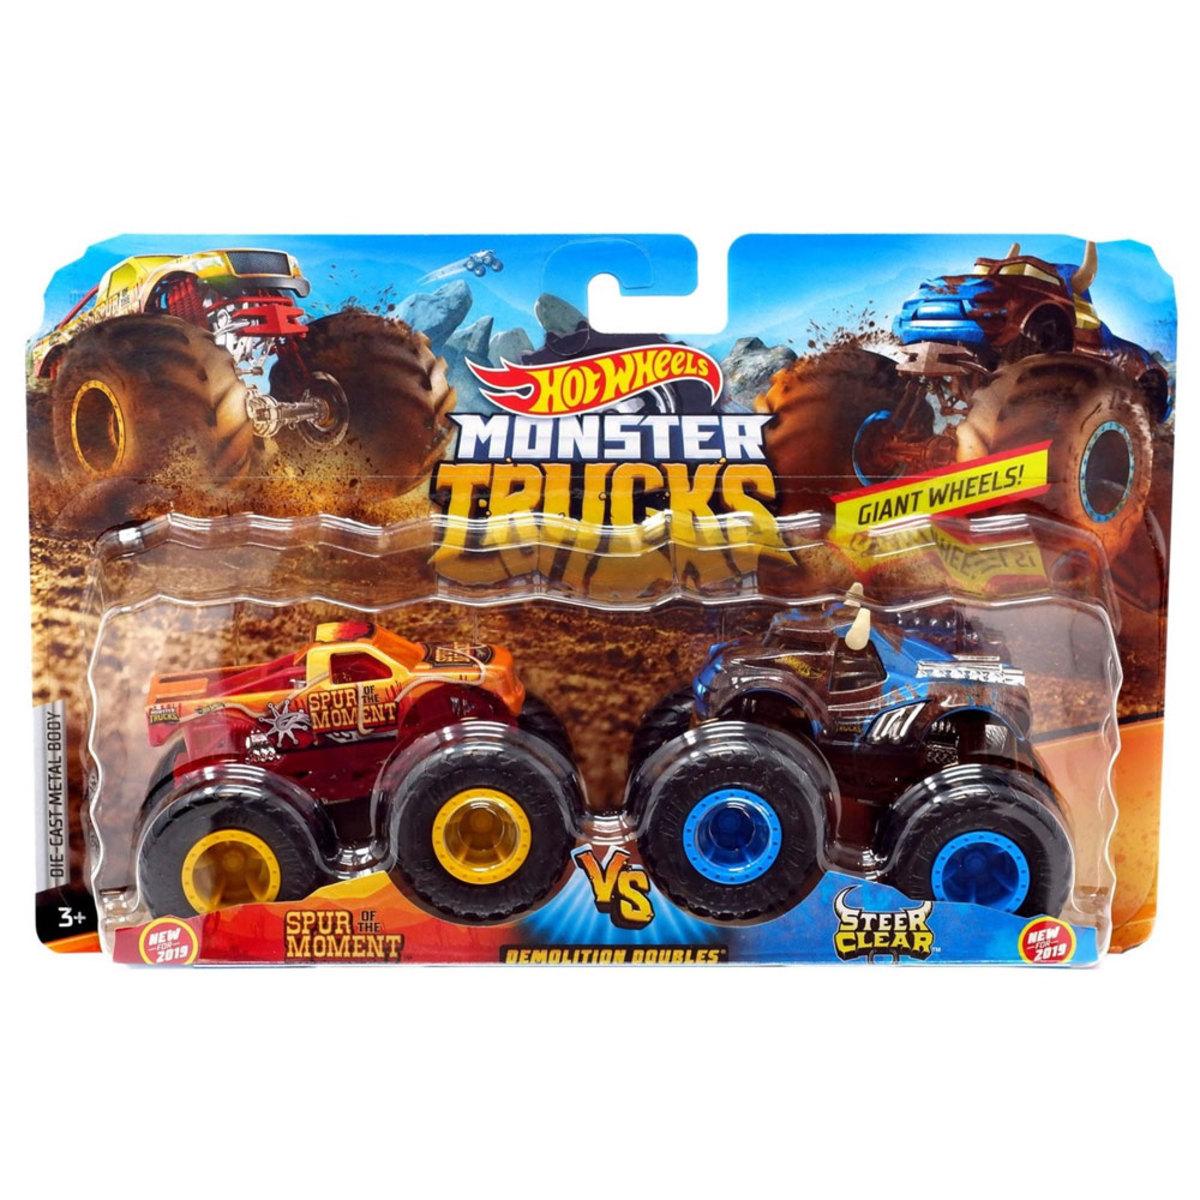 HOT  WHEELS  MONSTER  TRUCKS SPUR MOMENT X STEER CLEAR  R/T- Mattel*